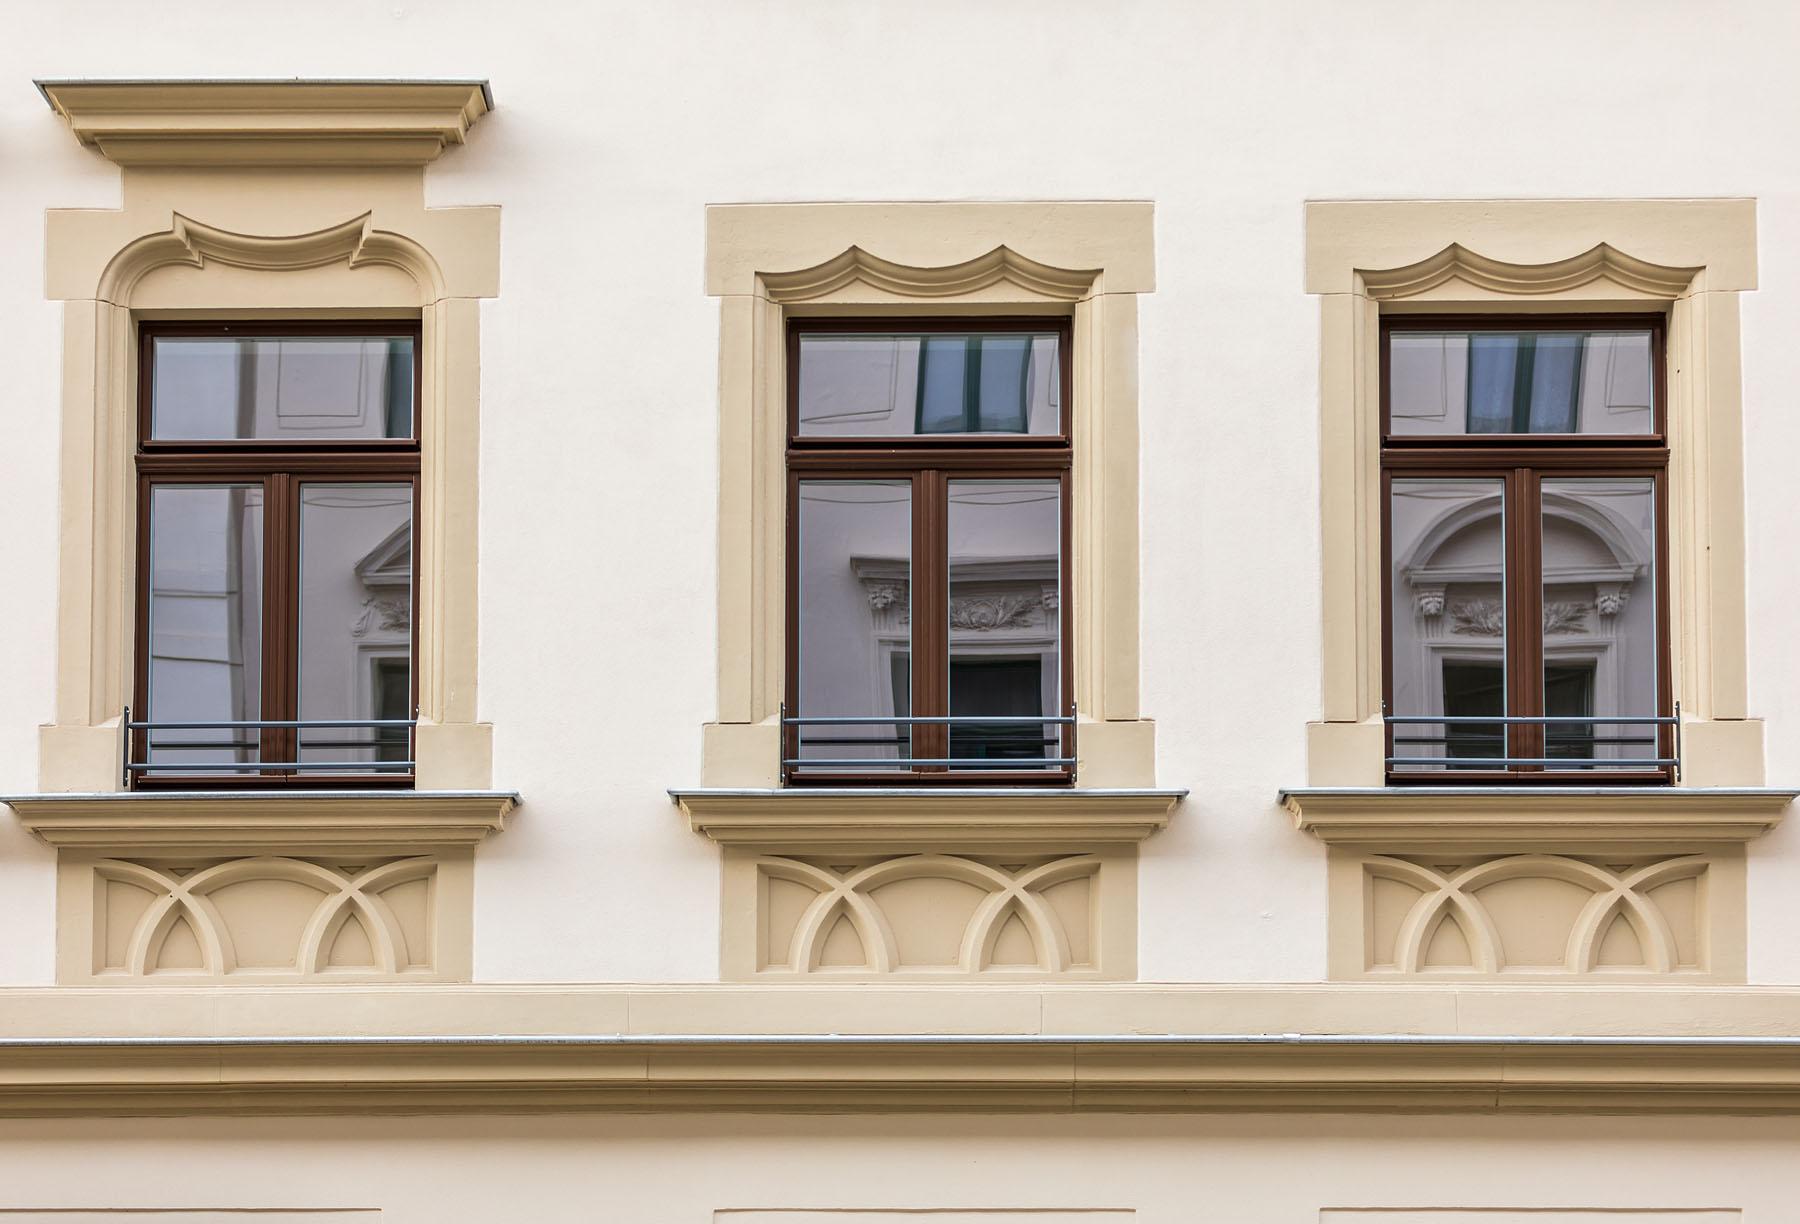 2021_mierendorffstrasse-42-vh-06